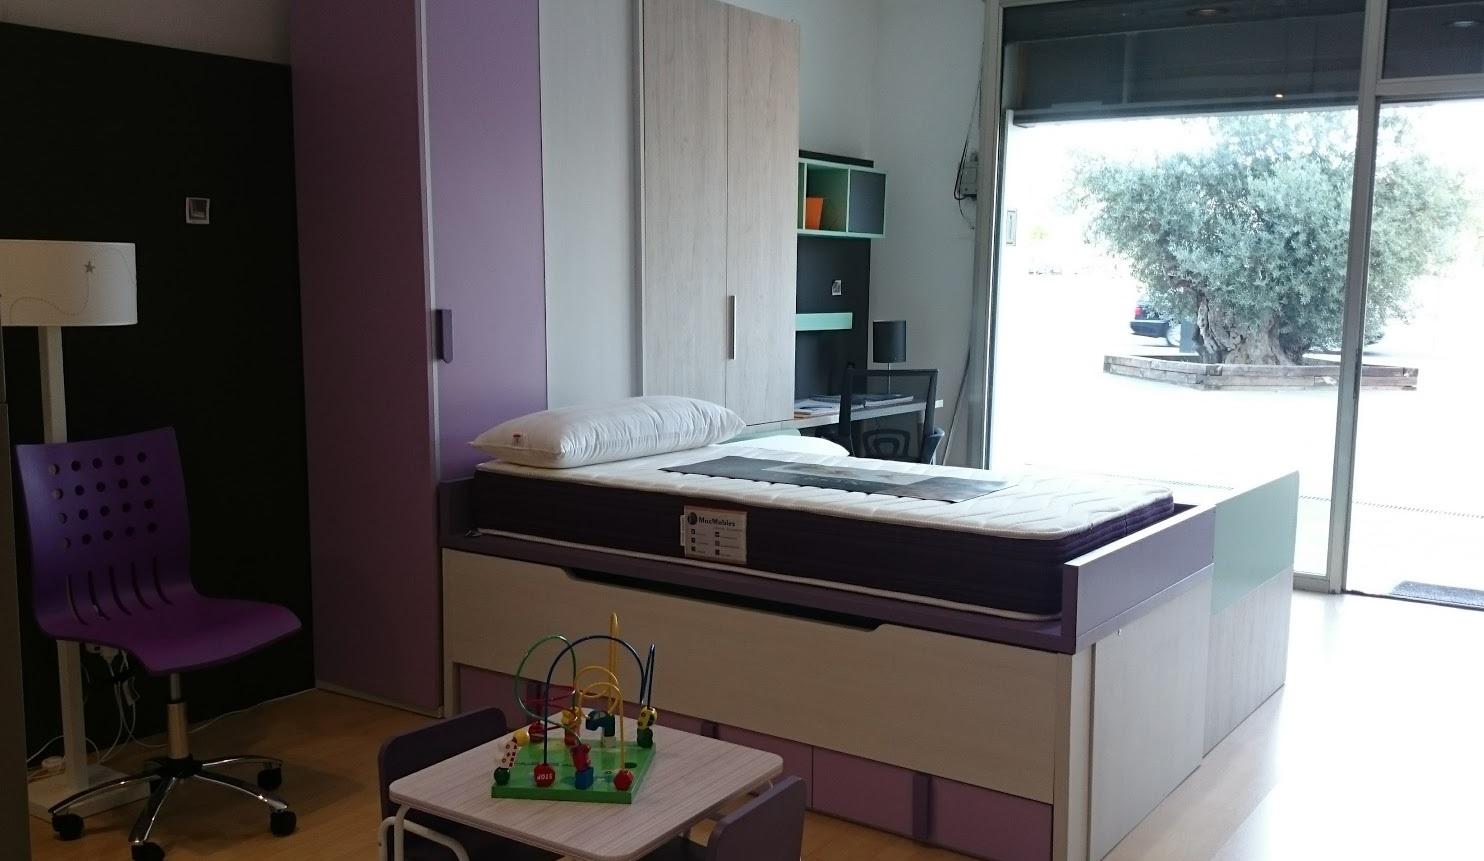 Tiendas De Muebles Granollers Cool Muebles Granollers Tienda  # Muebles Roig Granollers